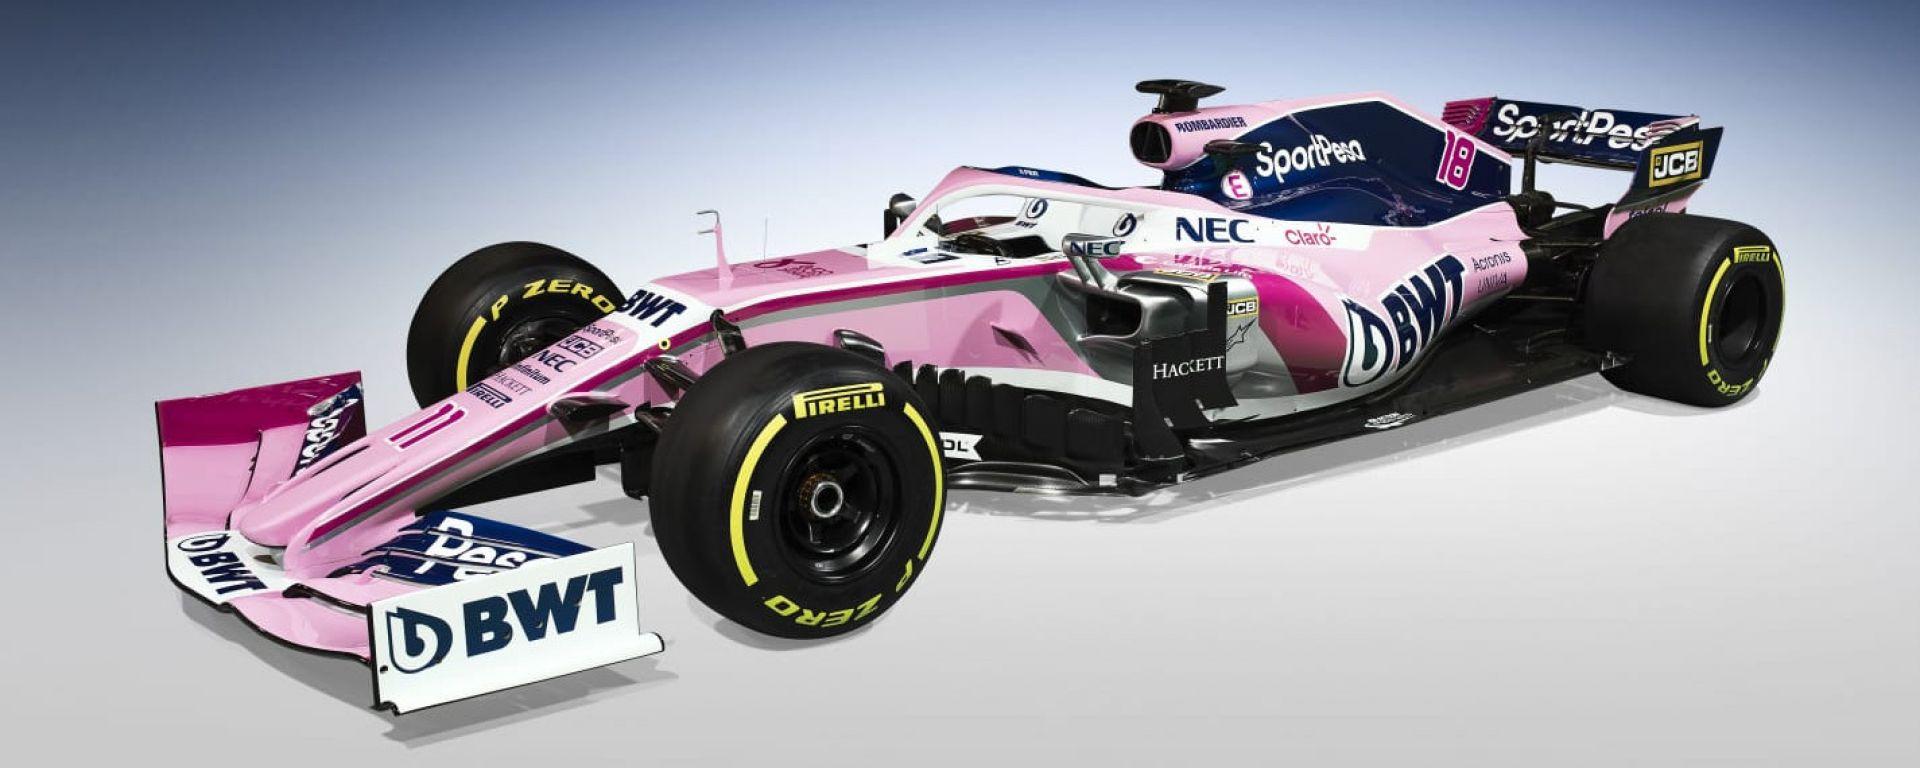 Presentata LIVE la nuova Racing Point. Video, gallery e dichiarazioni